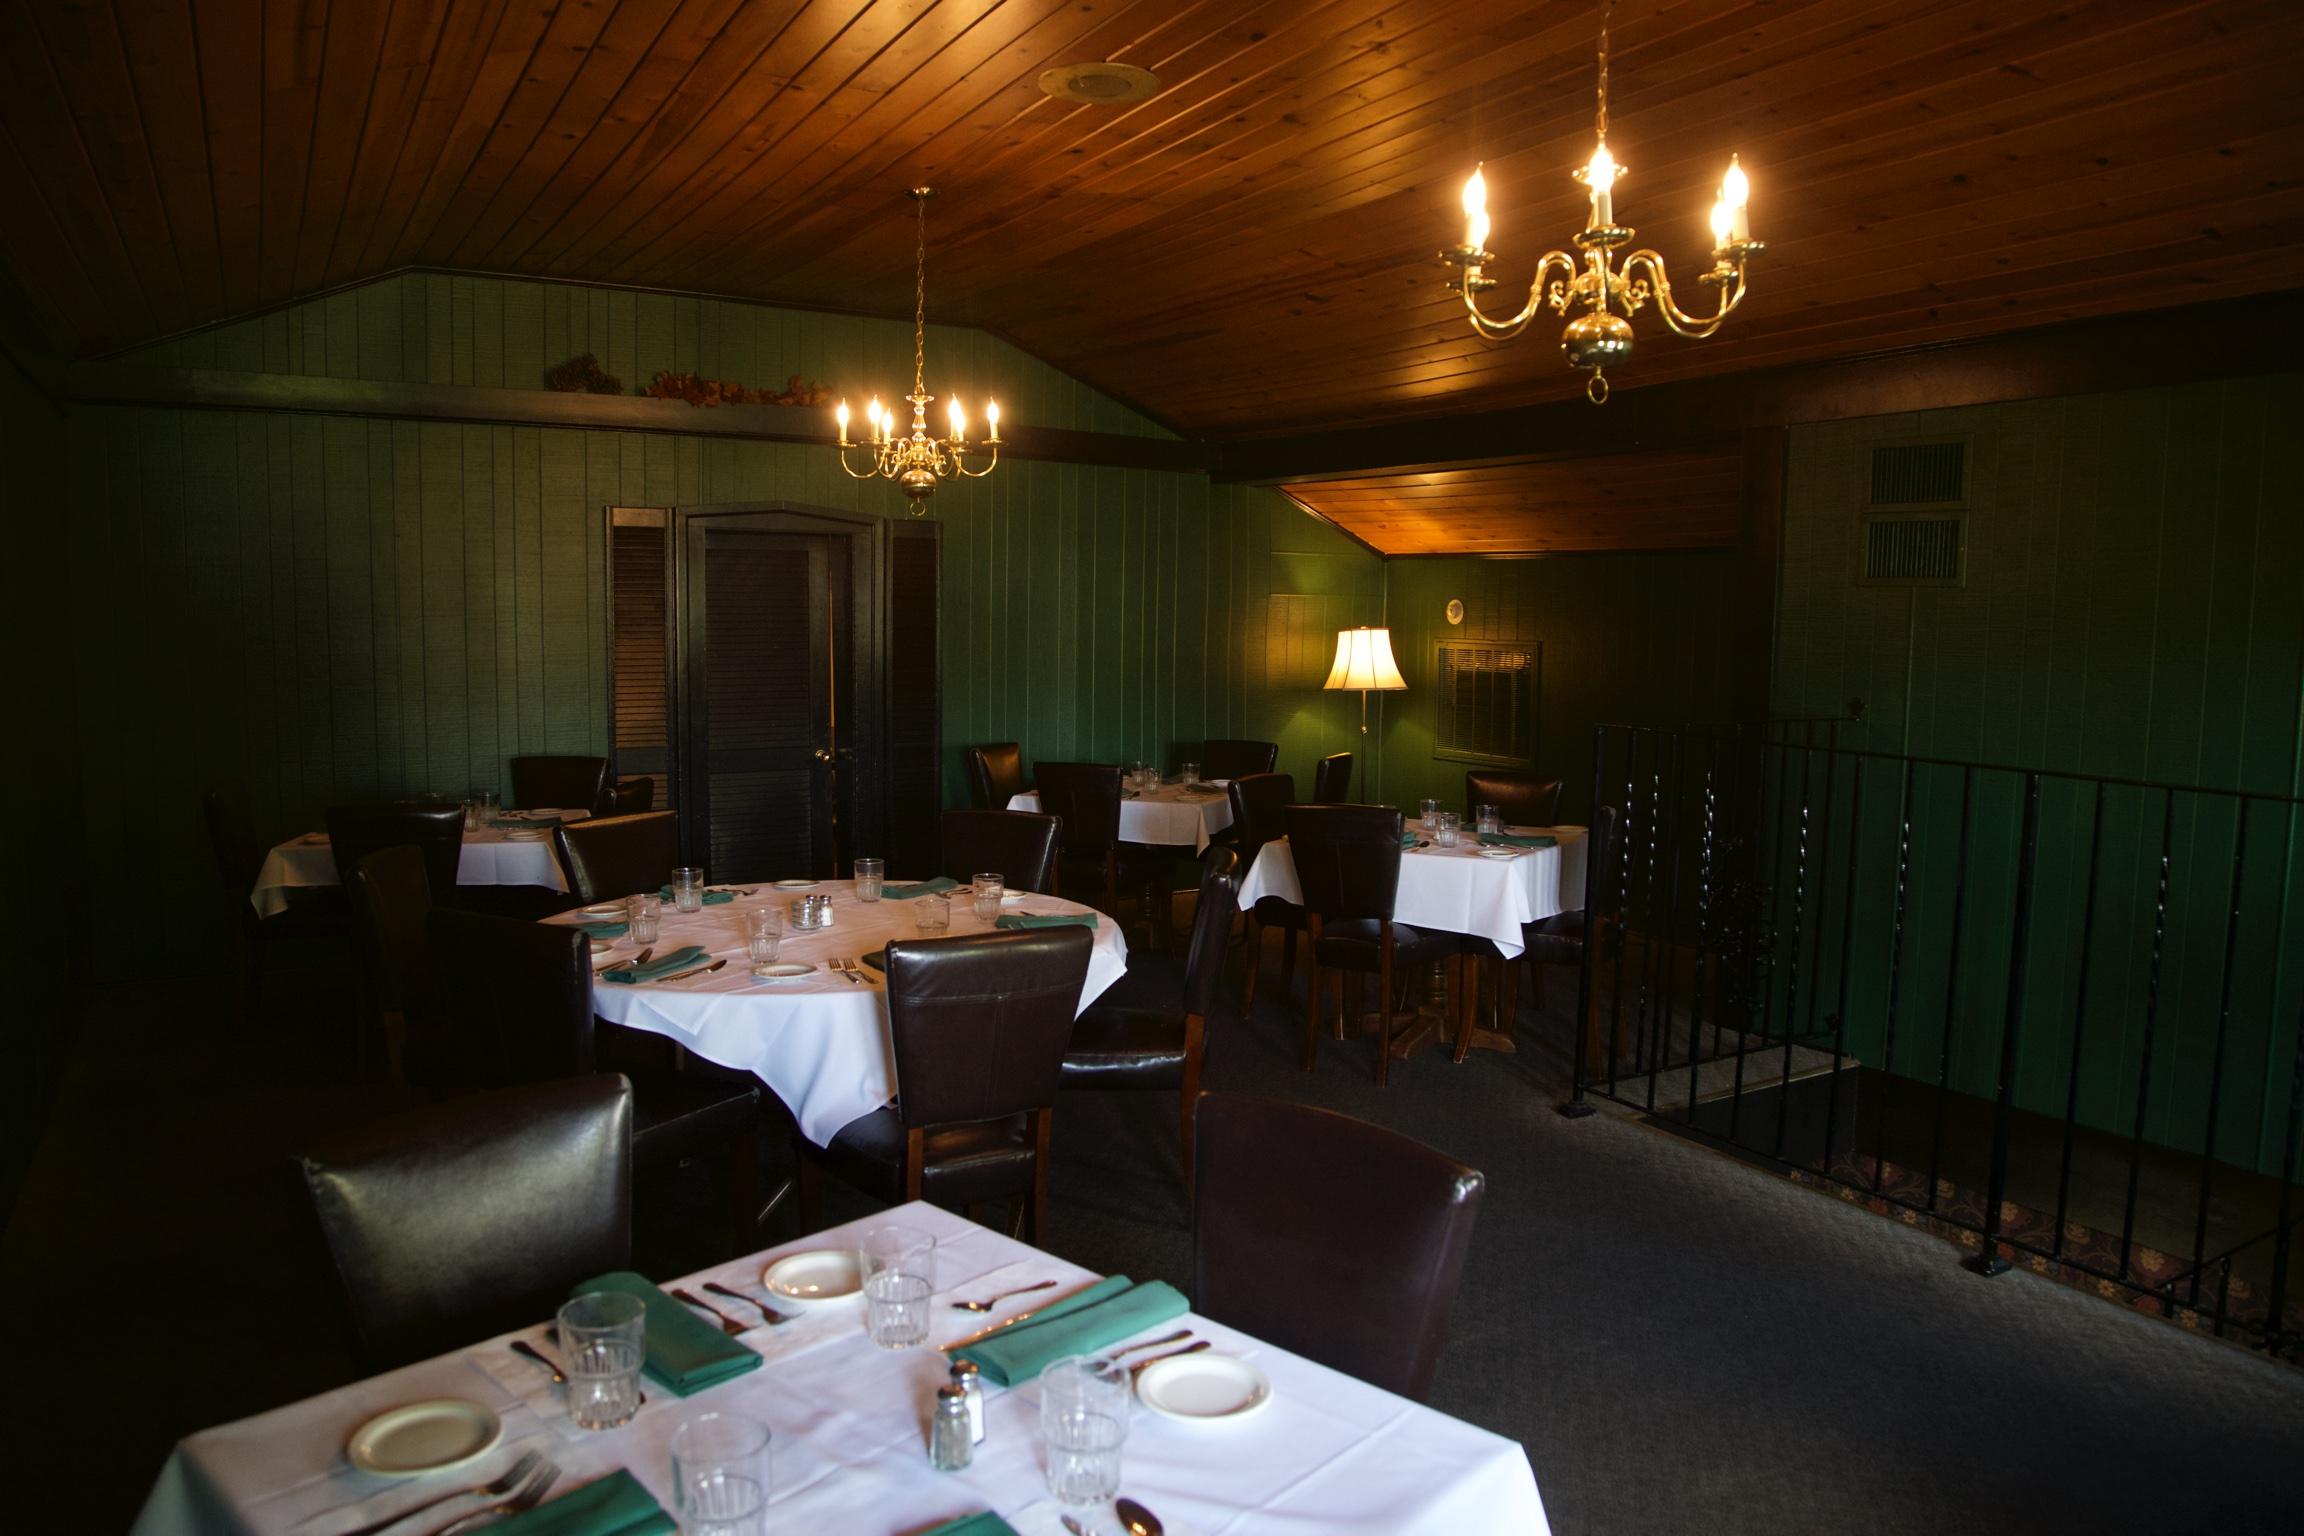 Sunny S Restaurant Lockport Ny